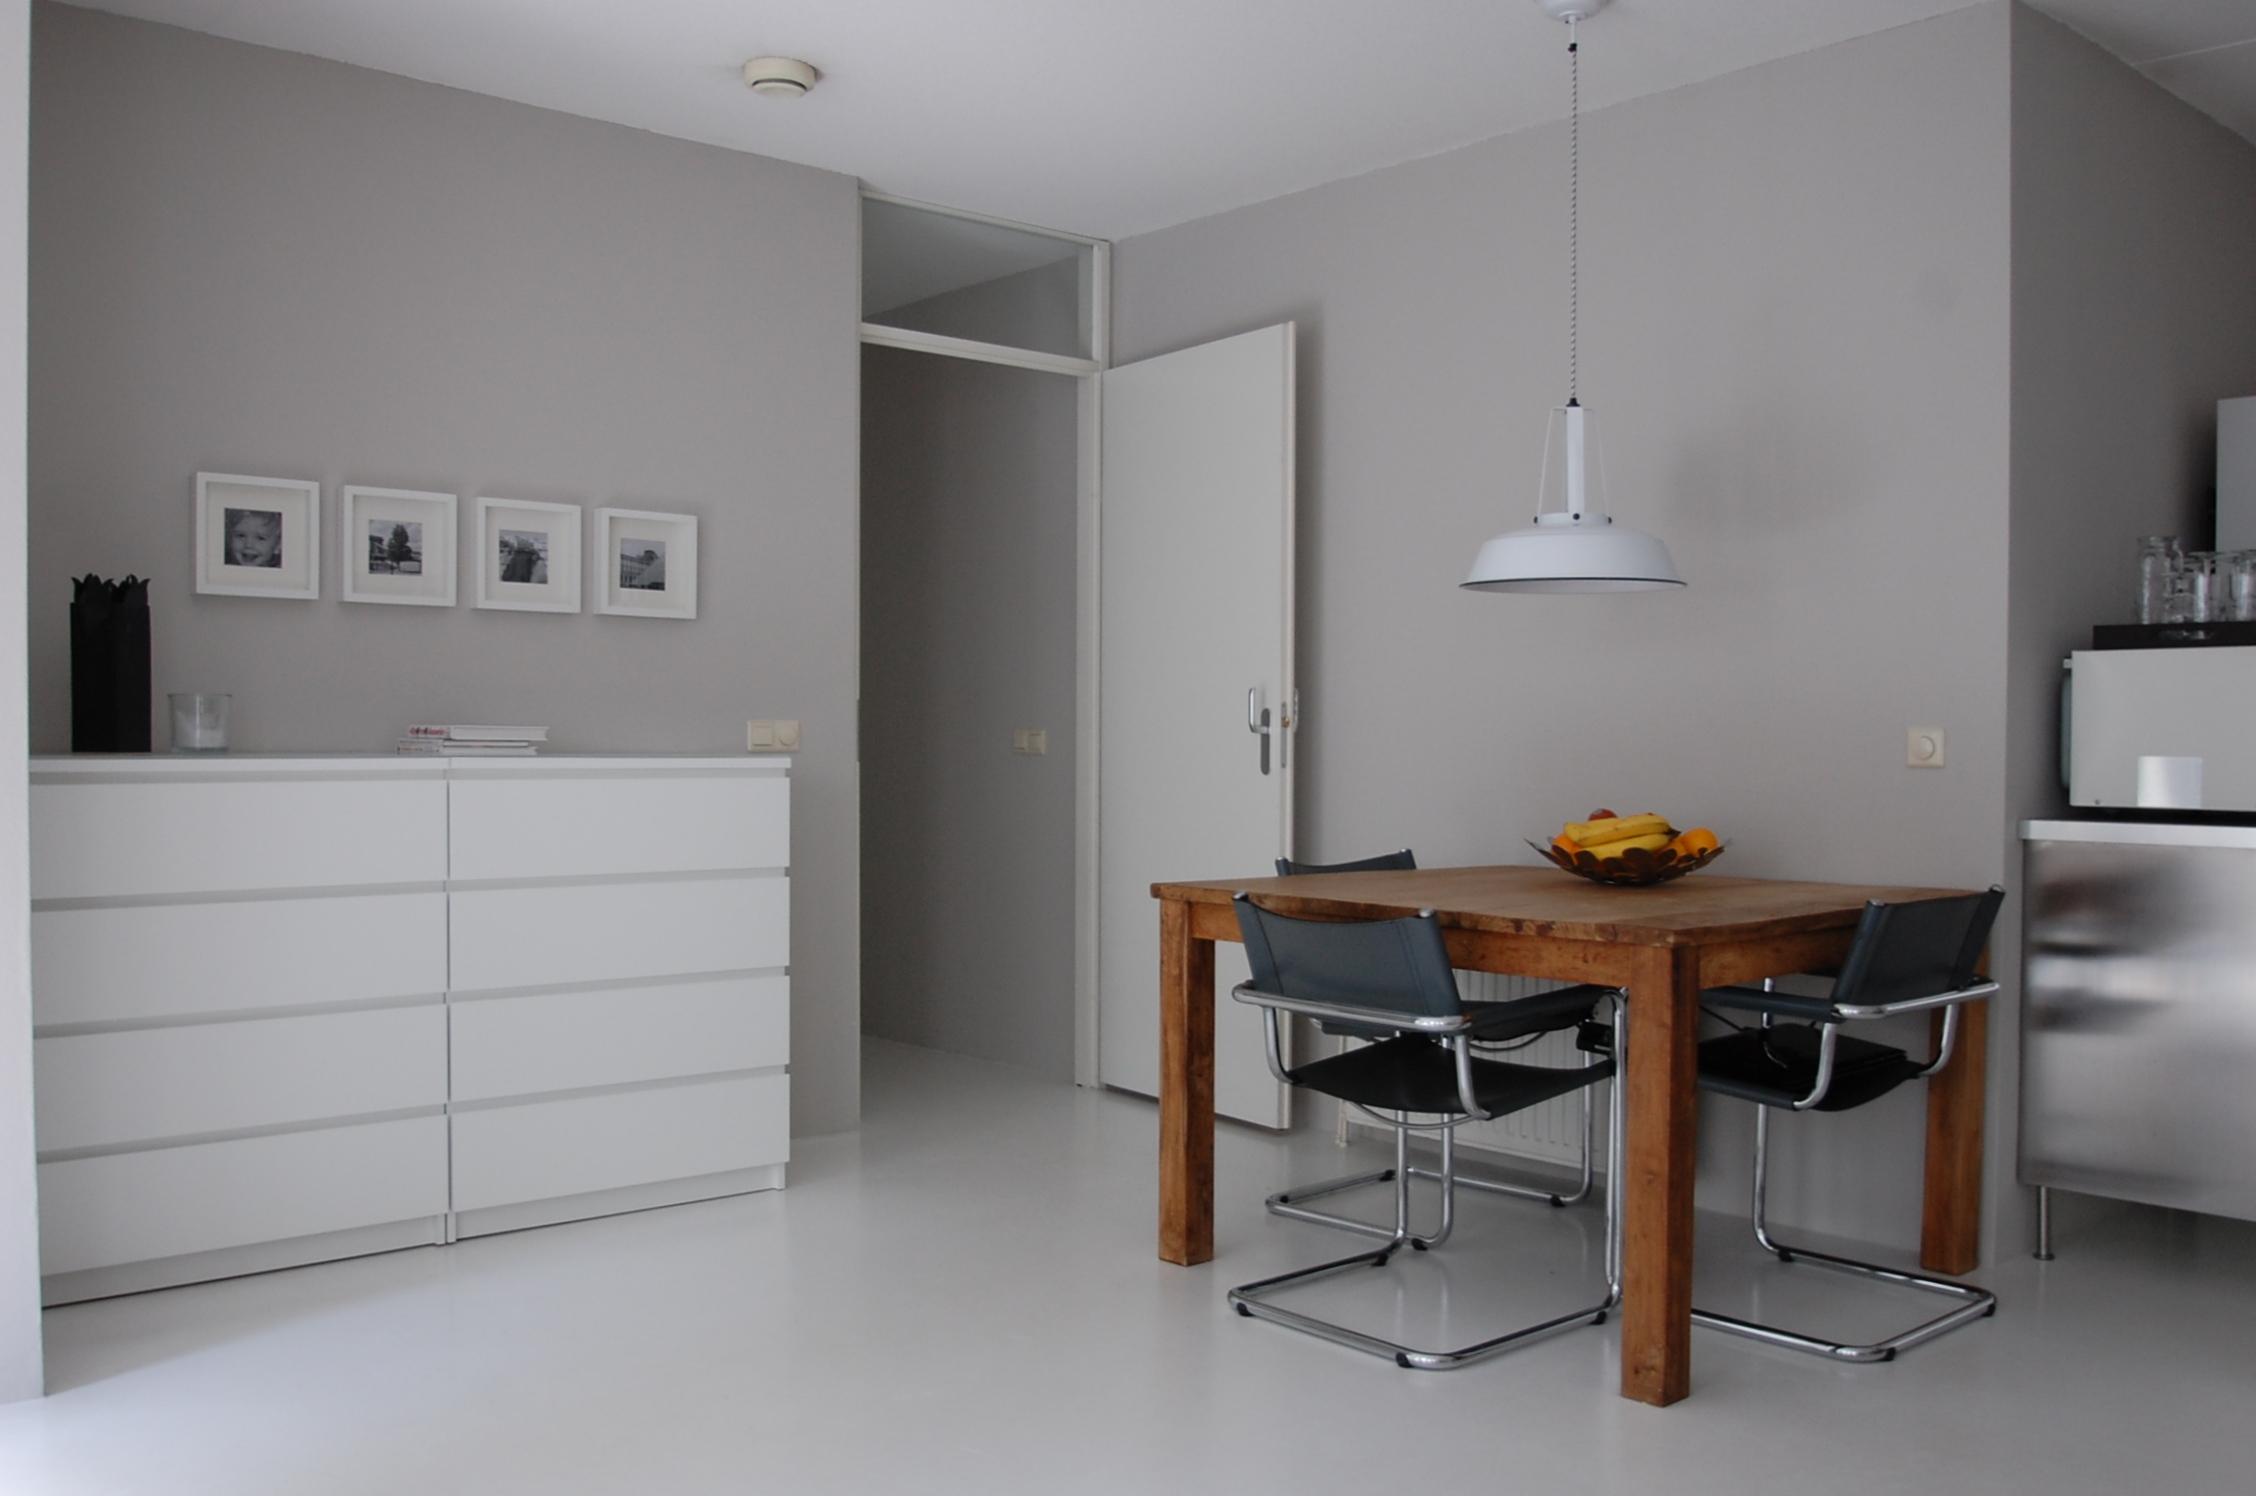 Woonkamer zwarte - Deco woonkamer aan de muur wit ...